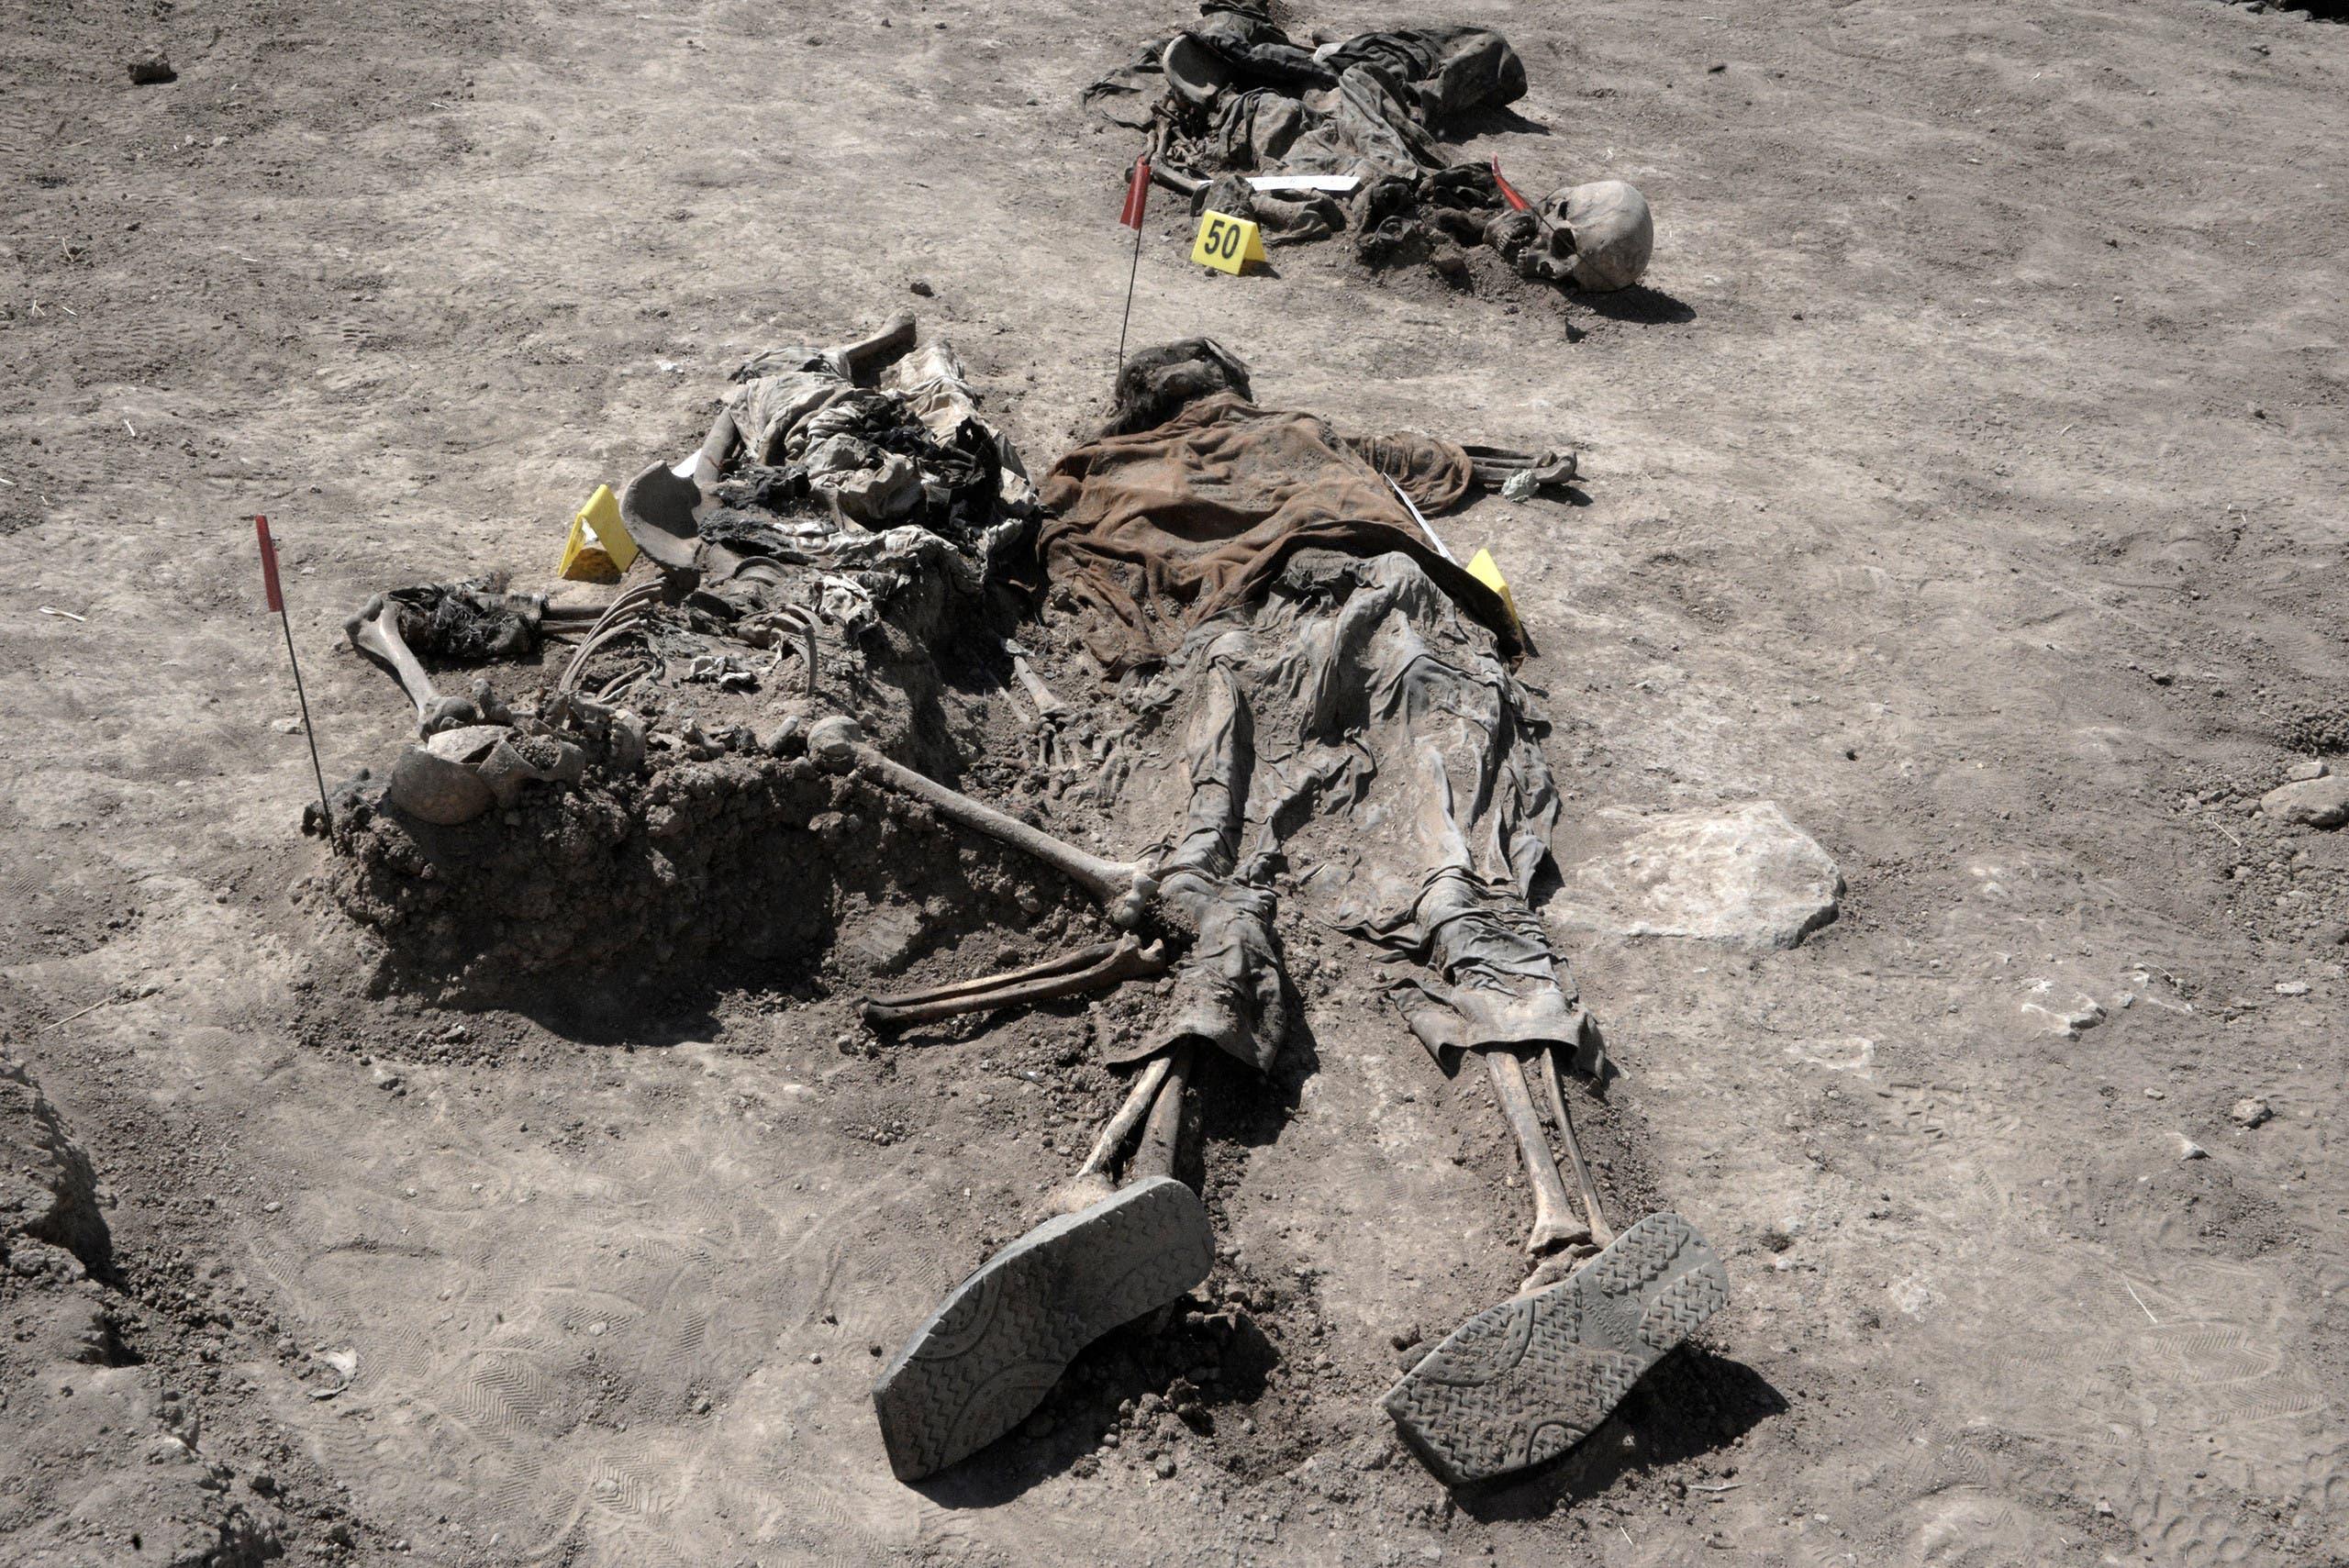 رفات تم استخراجها من المقبرة الجماعية لسجناء بدوش